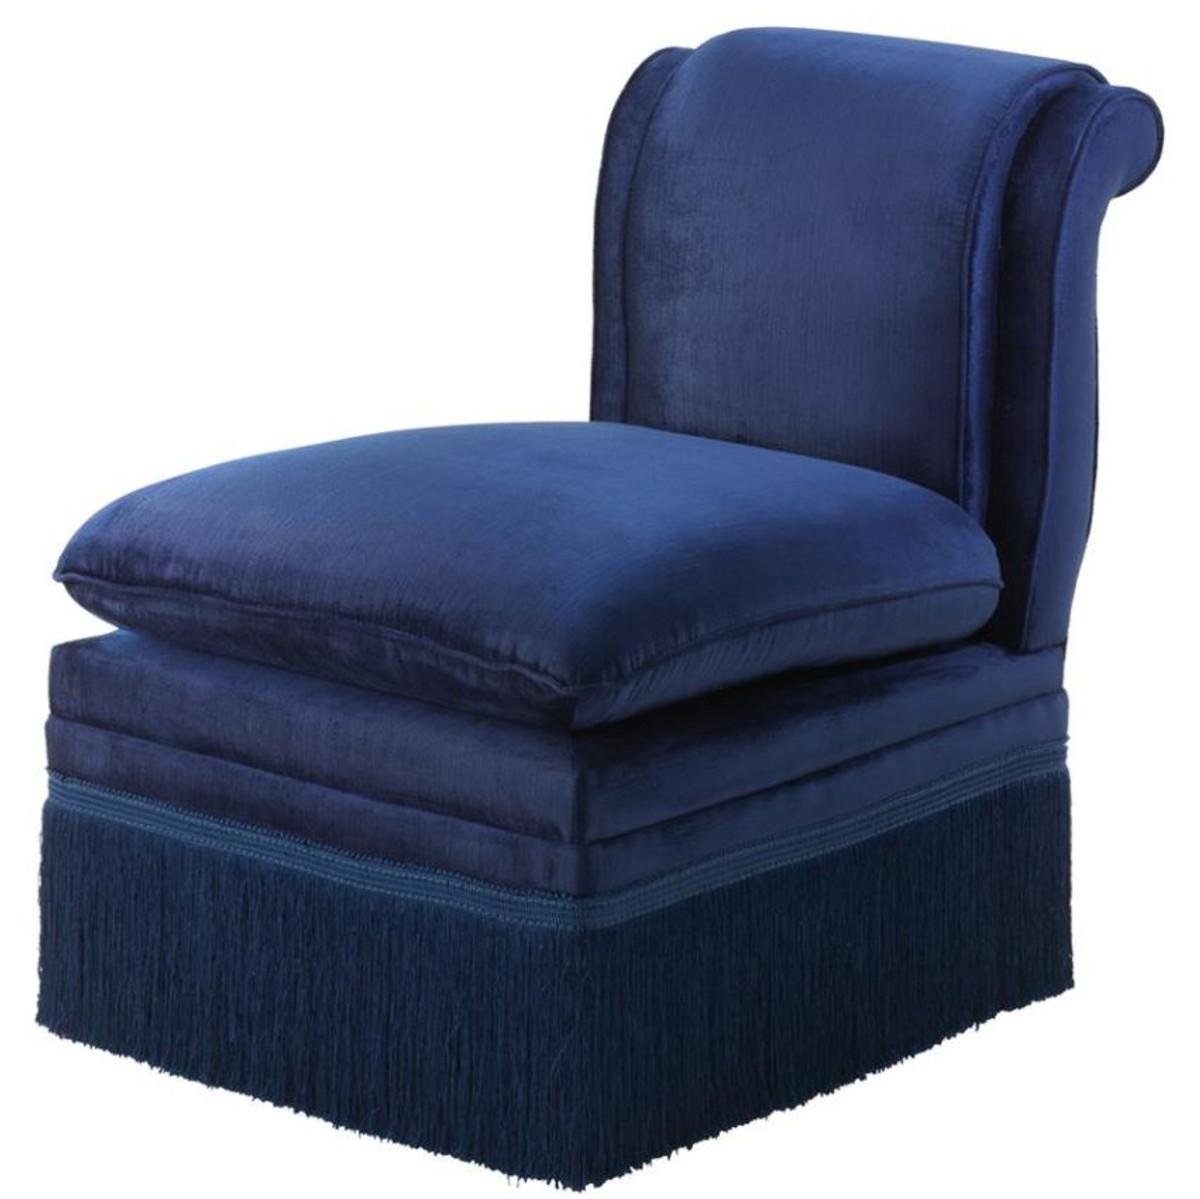 Casa Padrino Luxus Designer Sessel Blau 55 x 74 x H 74 cm